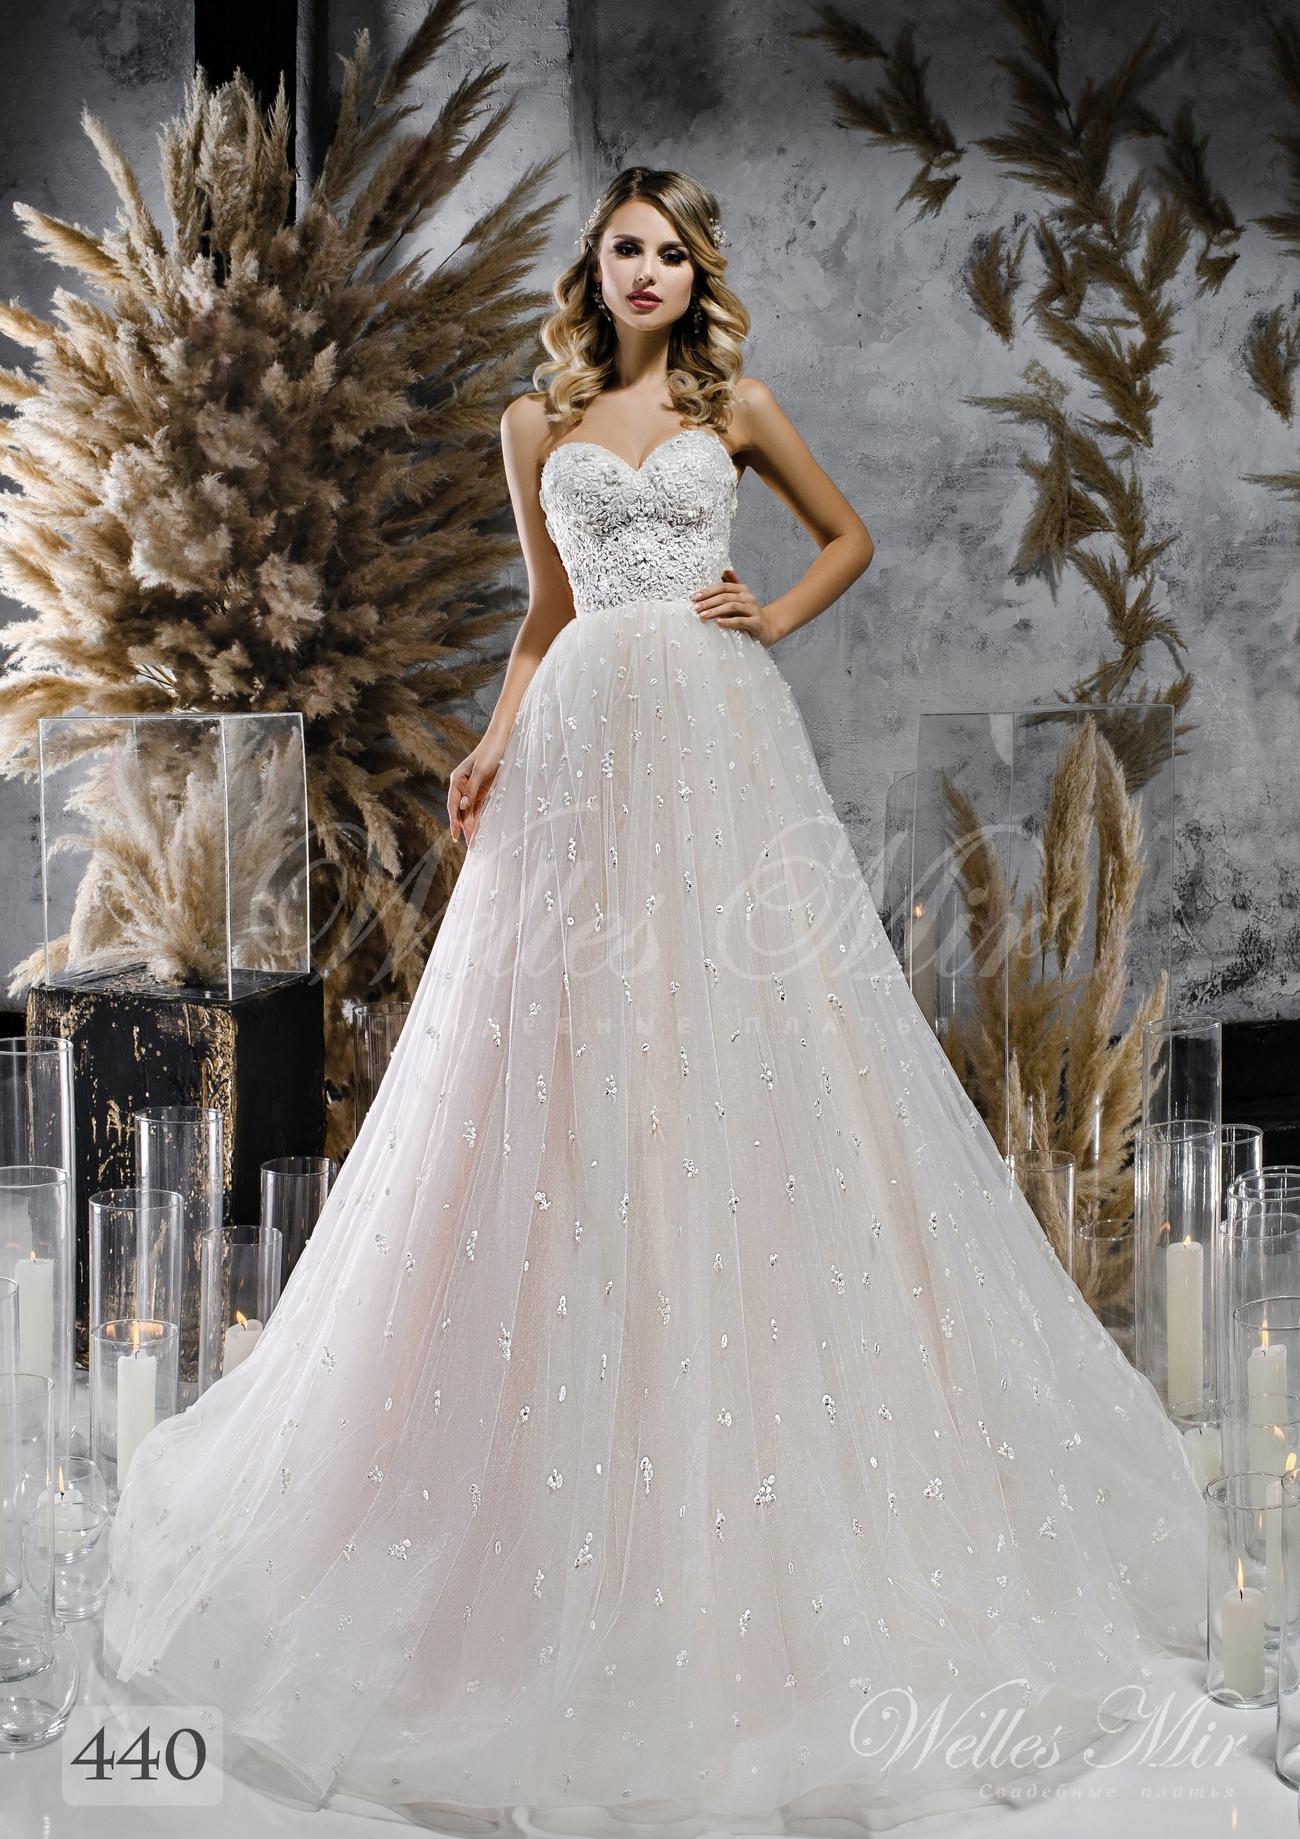 Пышное свадебное платье а-силуэта оптом